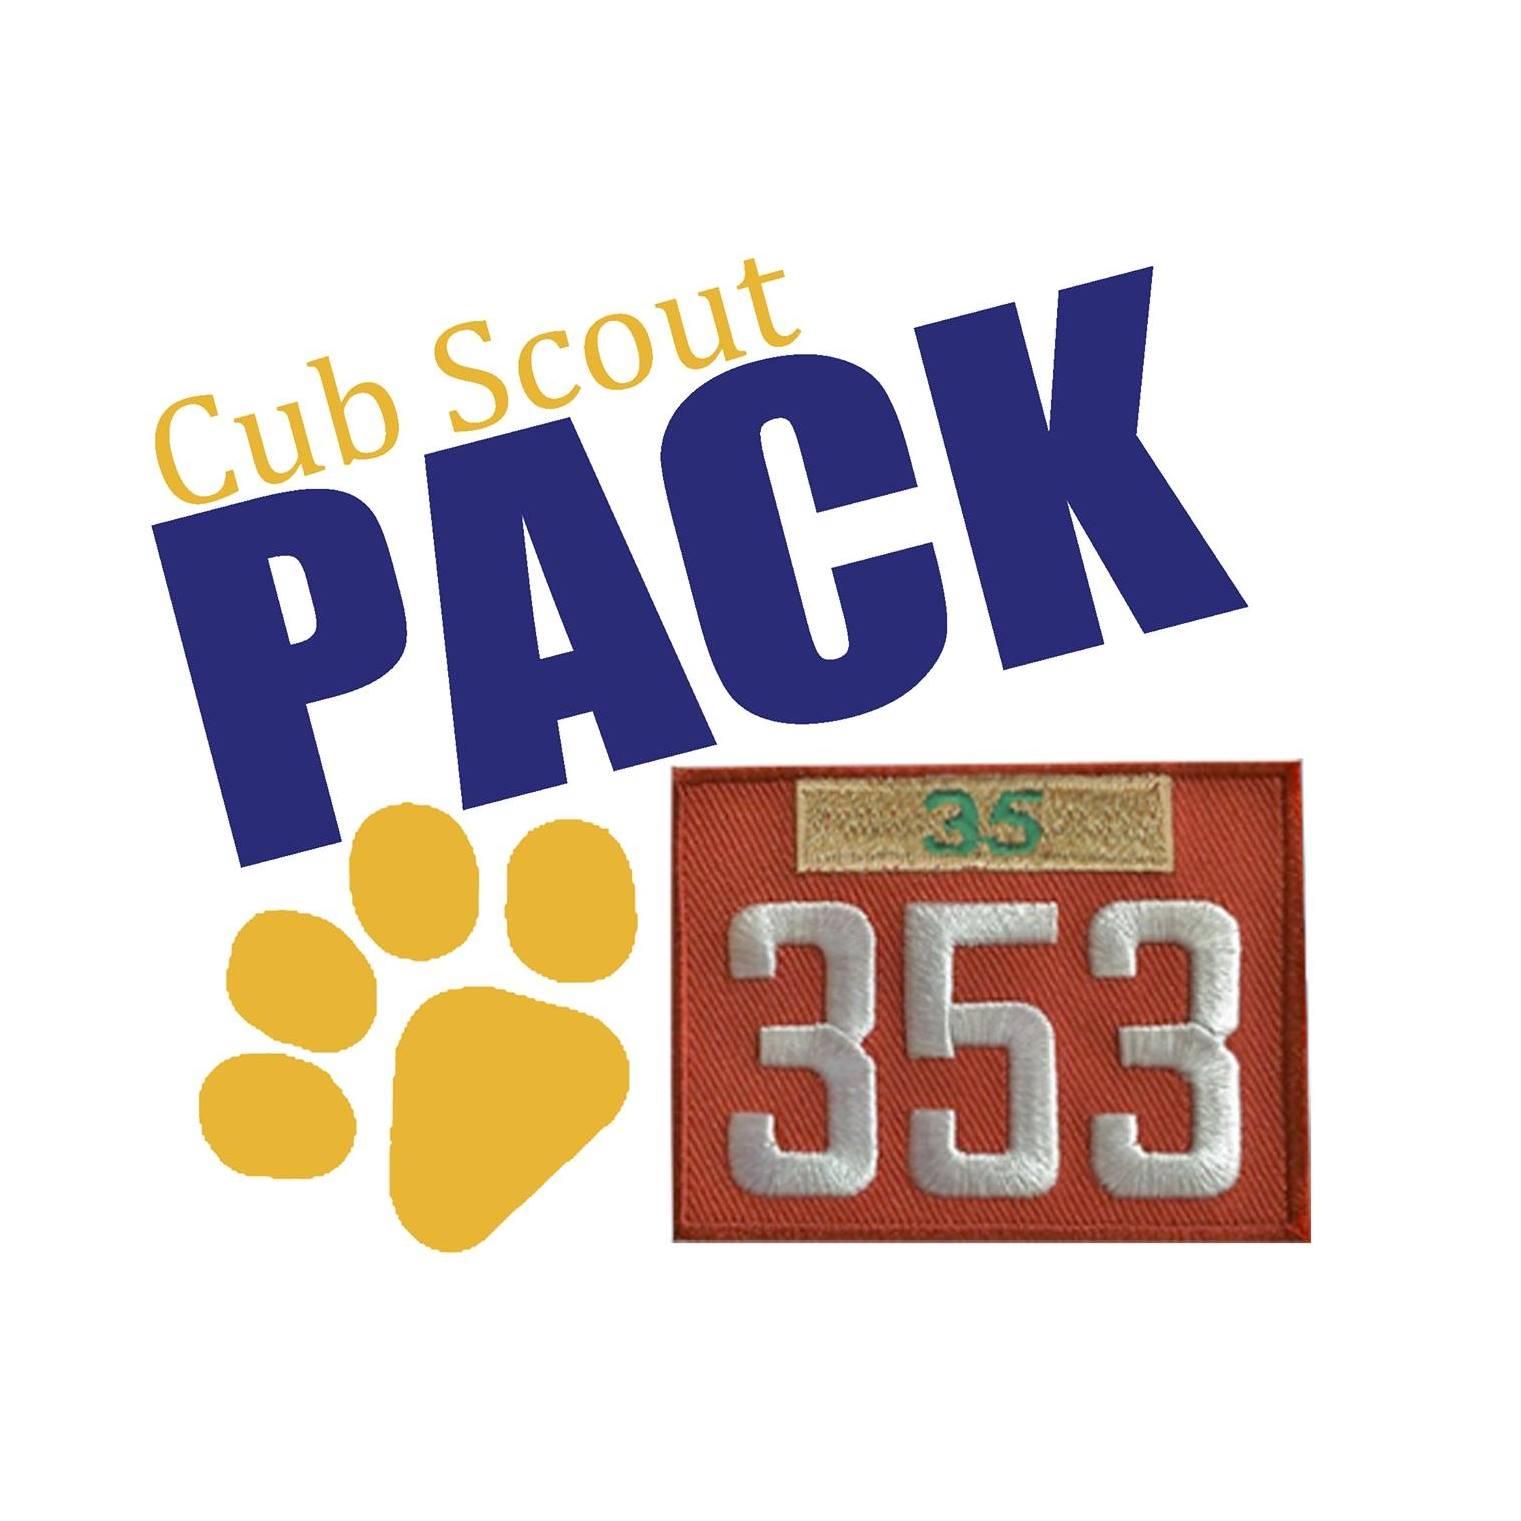 Cub Scout Pack 353